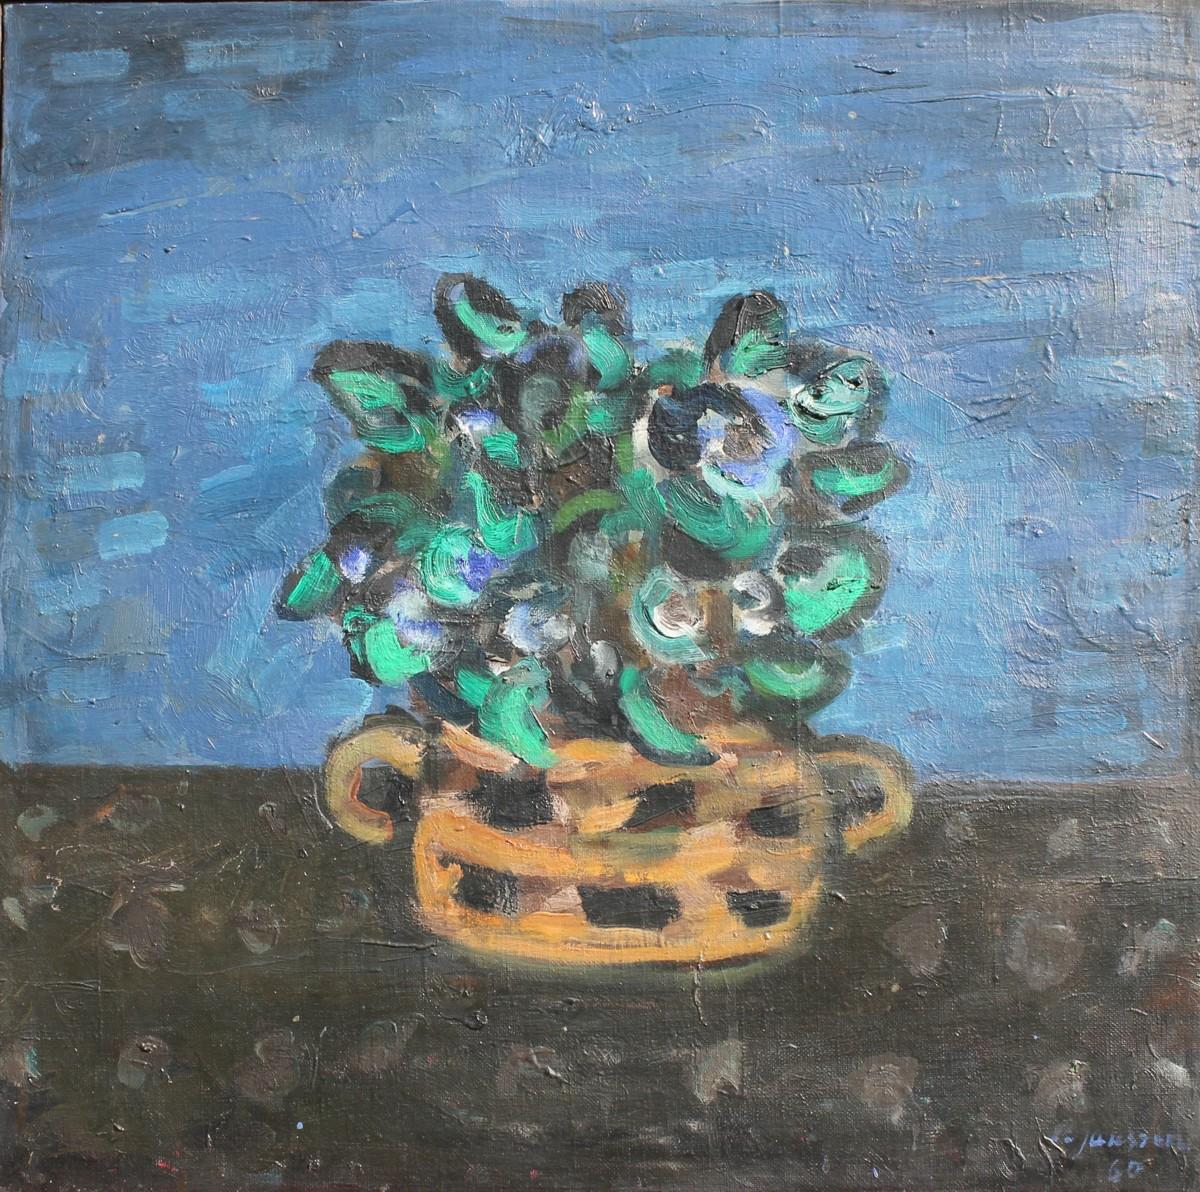 Blaues Blumenbild, für vergrößerte Ansicht bitte anklicken!